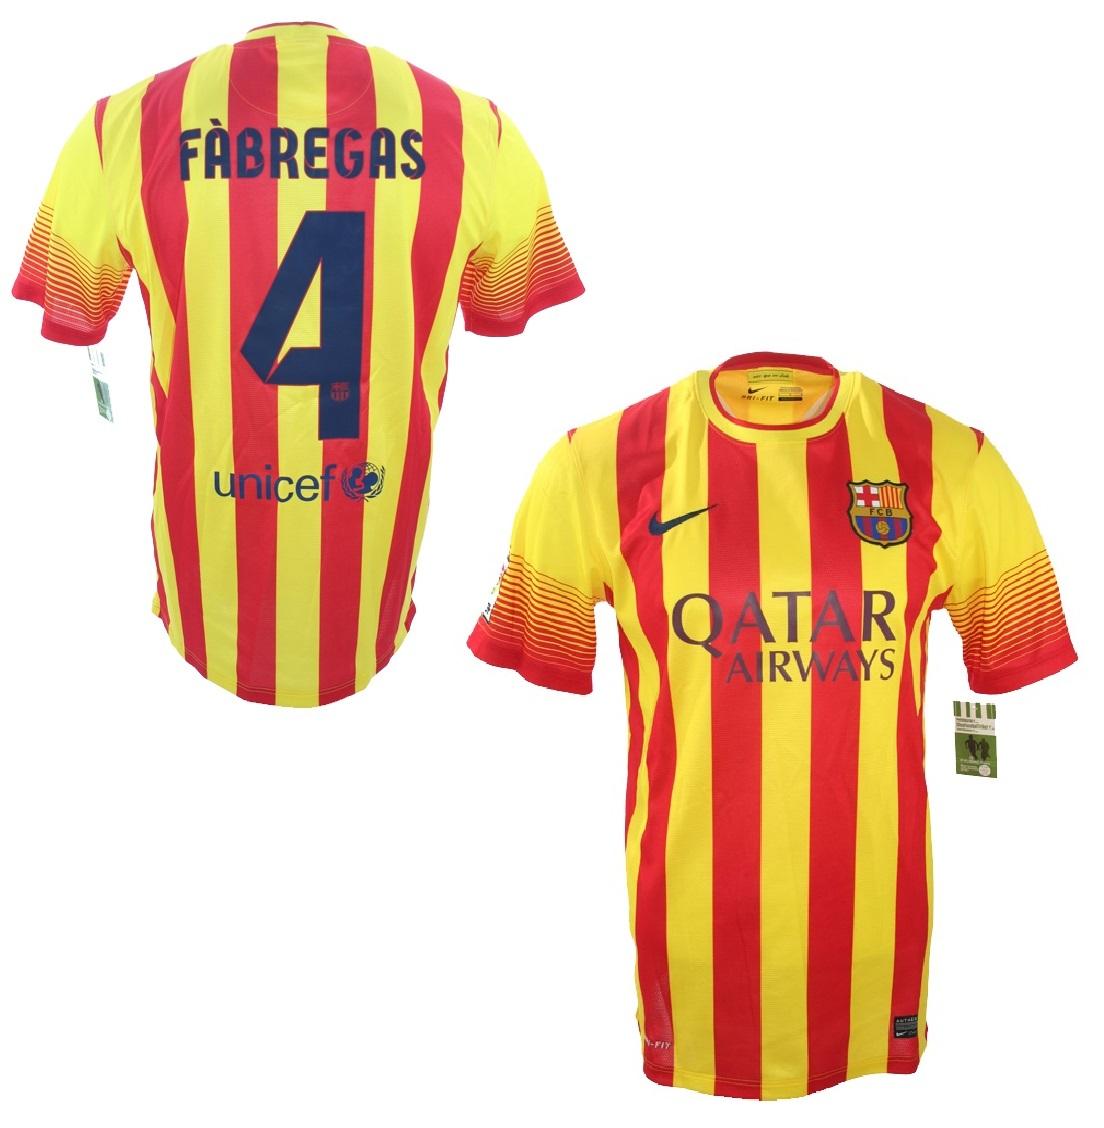 a3b26fab96c Nike FC Barcelona jersey 4 Cesc Fabregas 2013 14 Qatar away yellow red  men s M